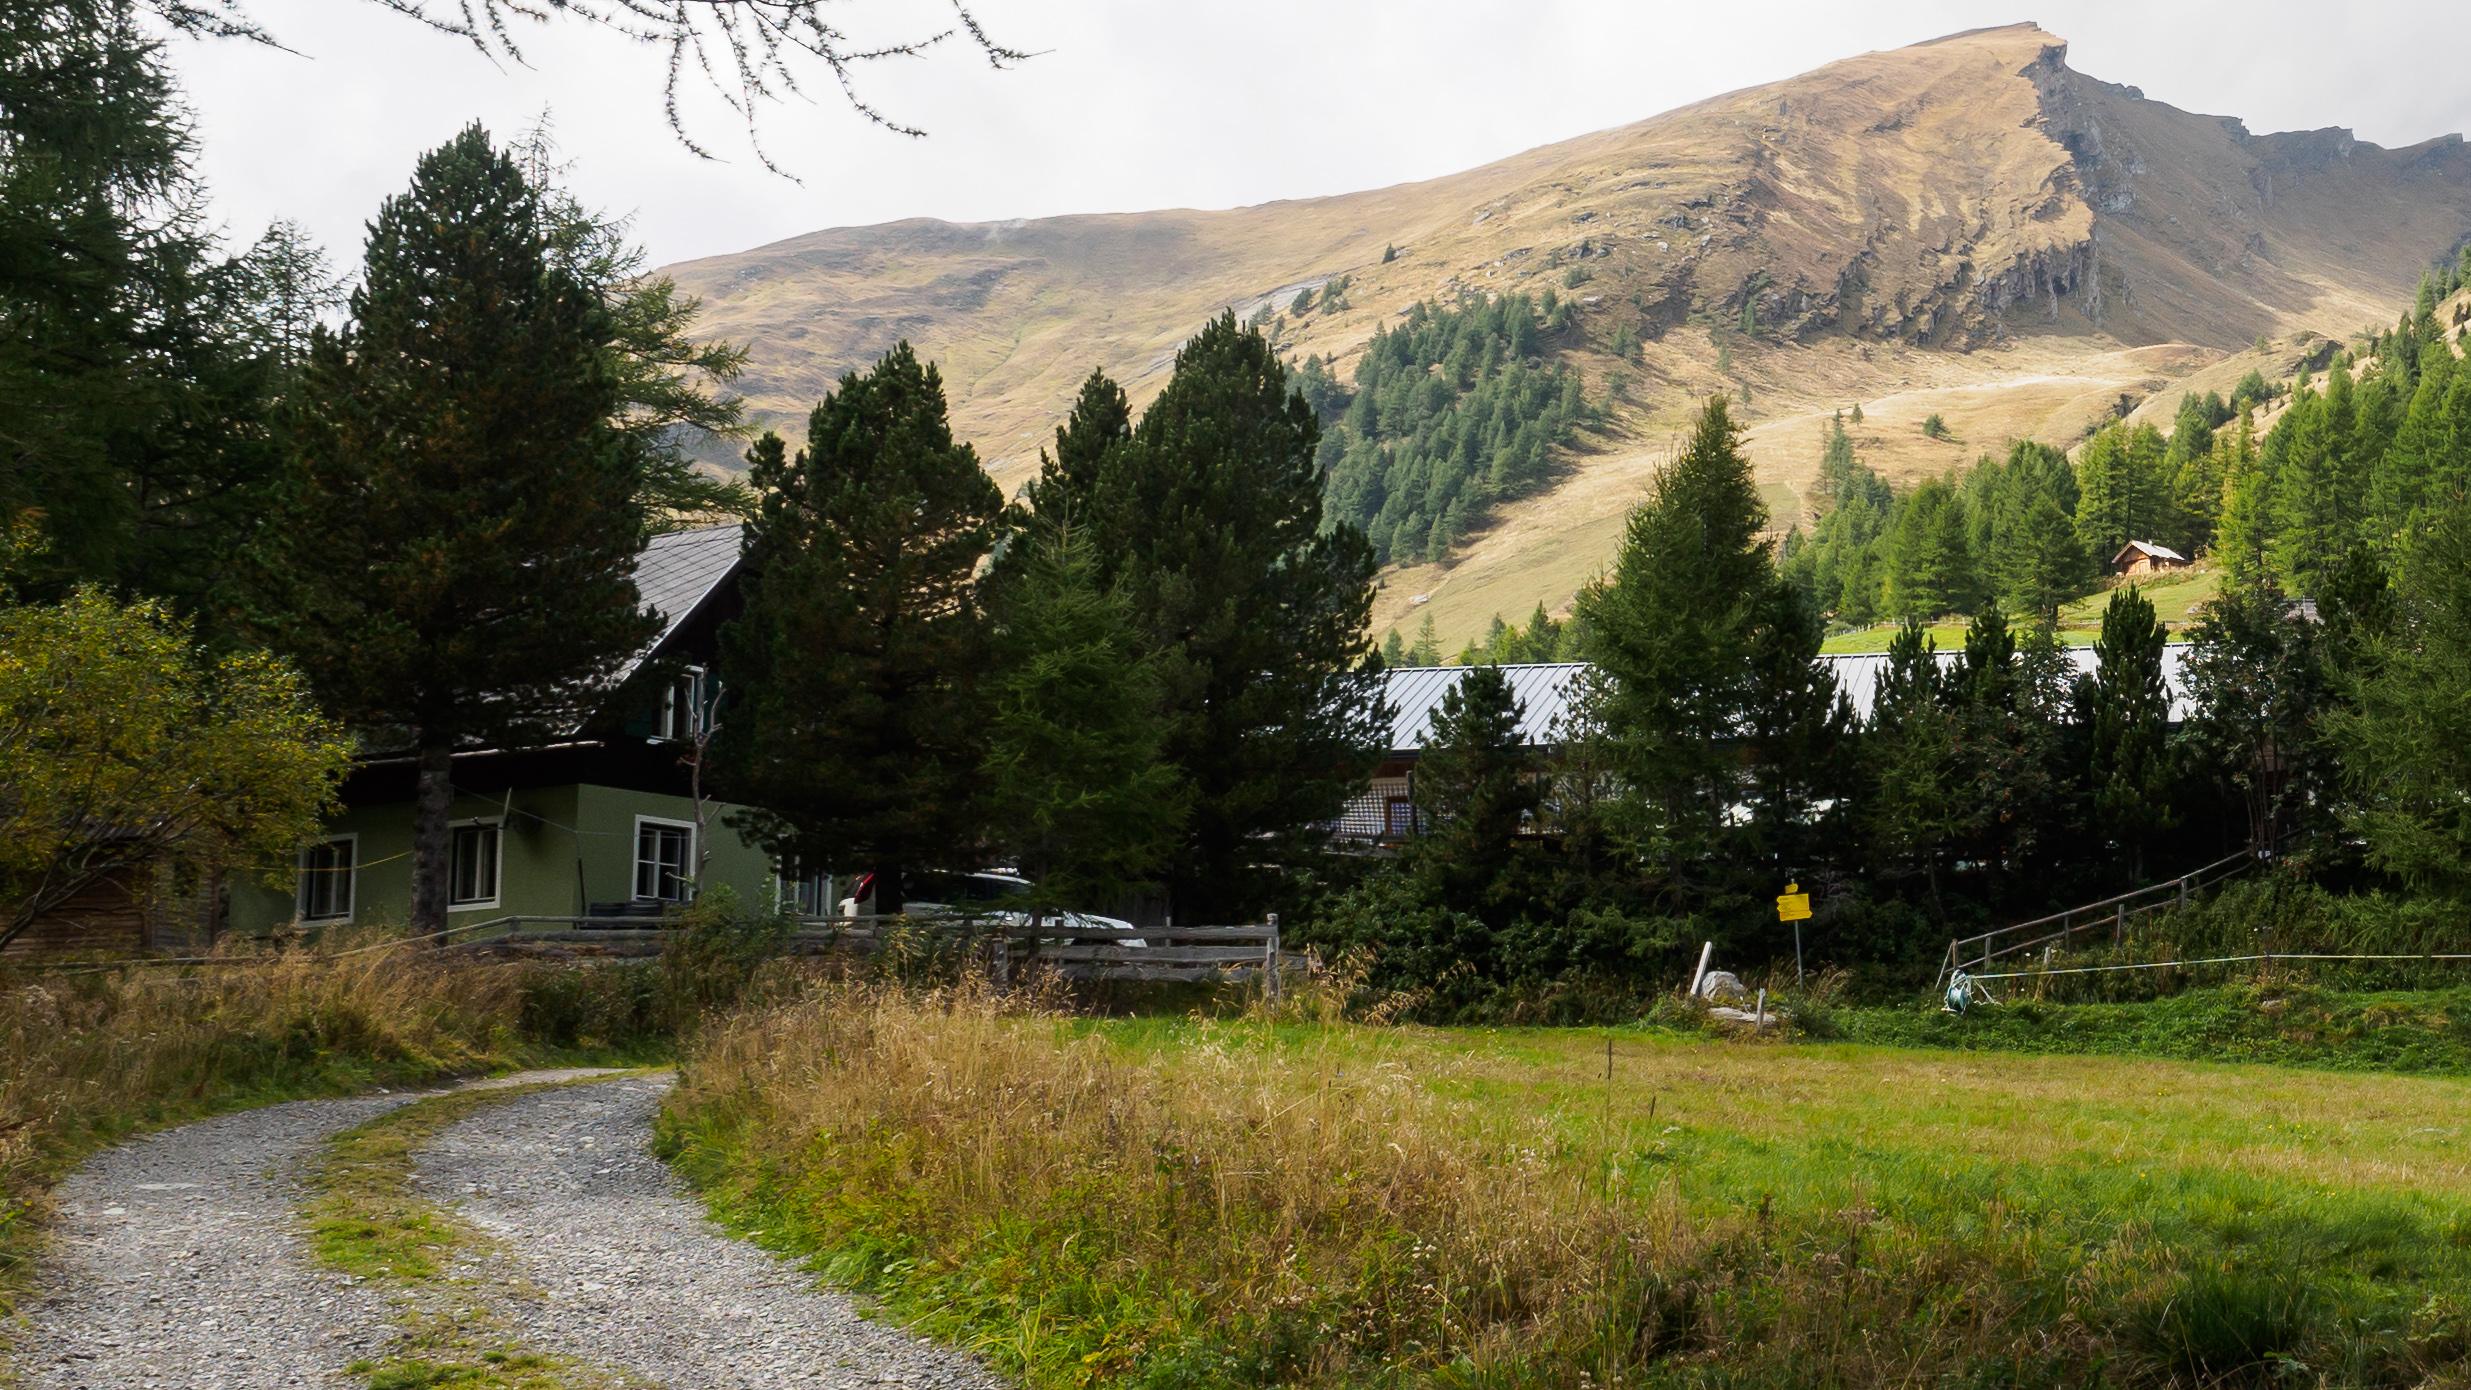 Herbsturlaub auf der romantischen Peitlerhütte